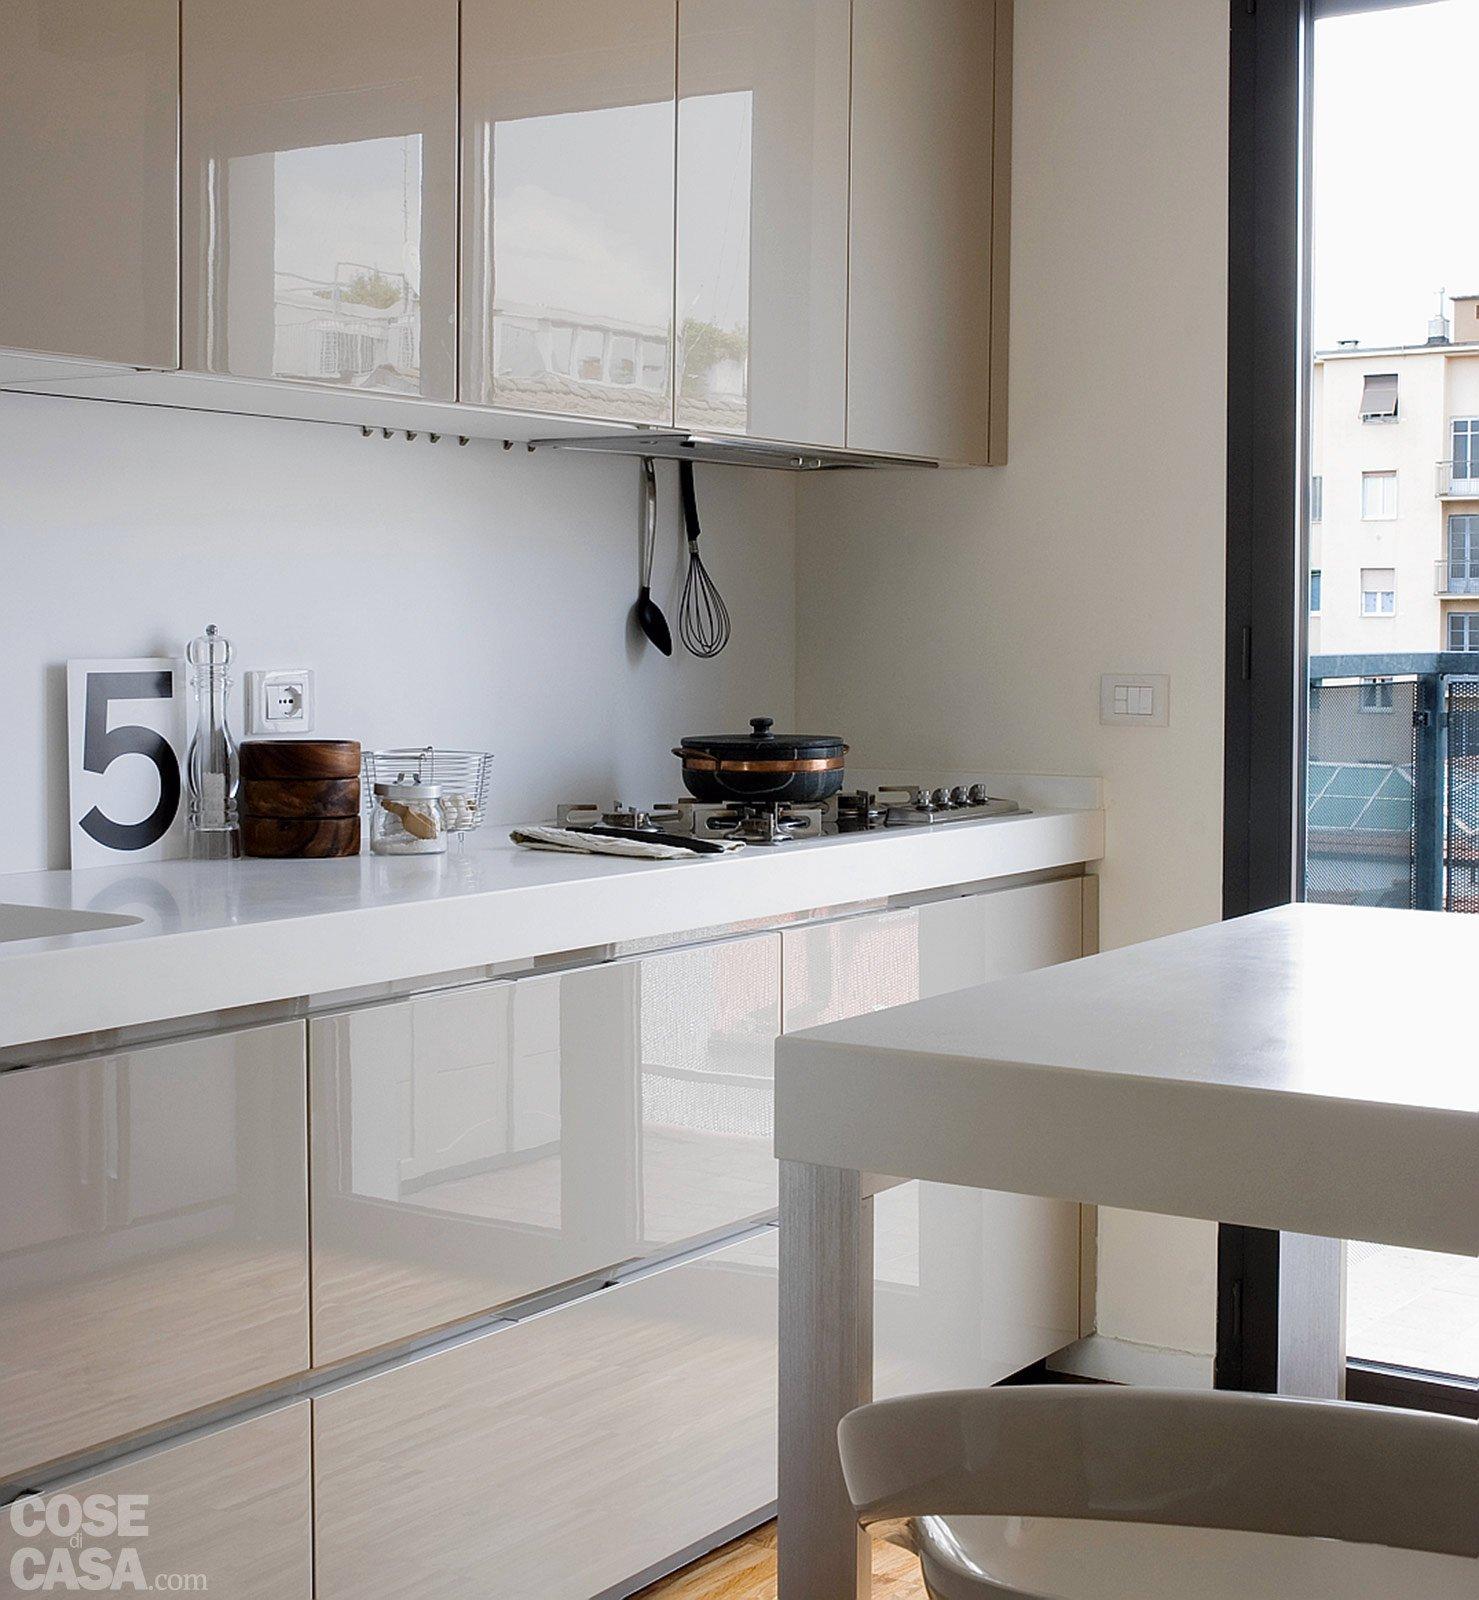 Una casa alla ricerca della luce cose di casa - Luce per cucina ...